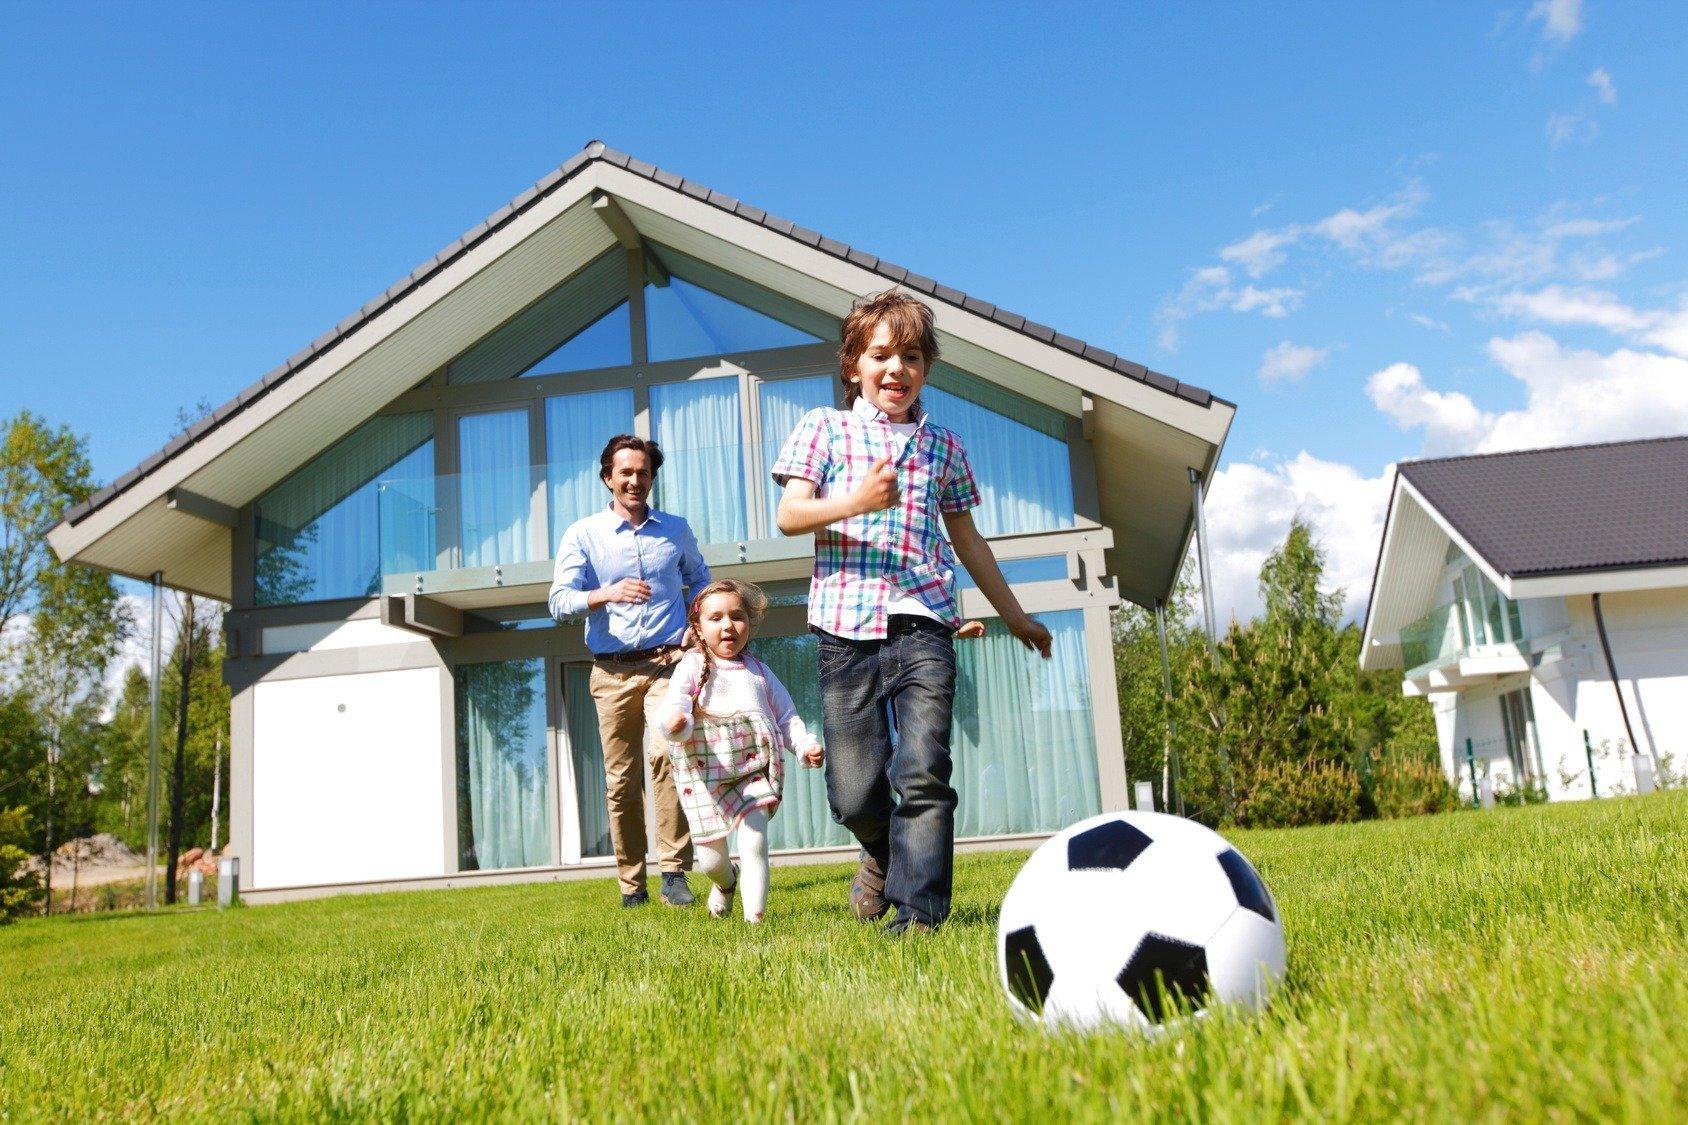 Immobilienfinanzierung - Worauf ist zu achten?